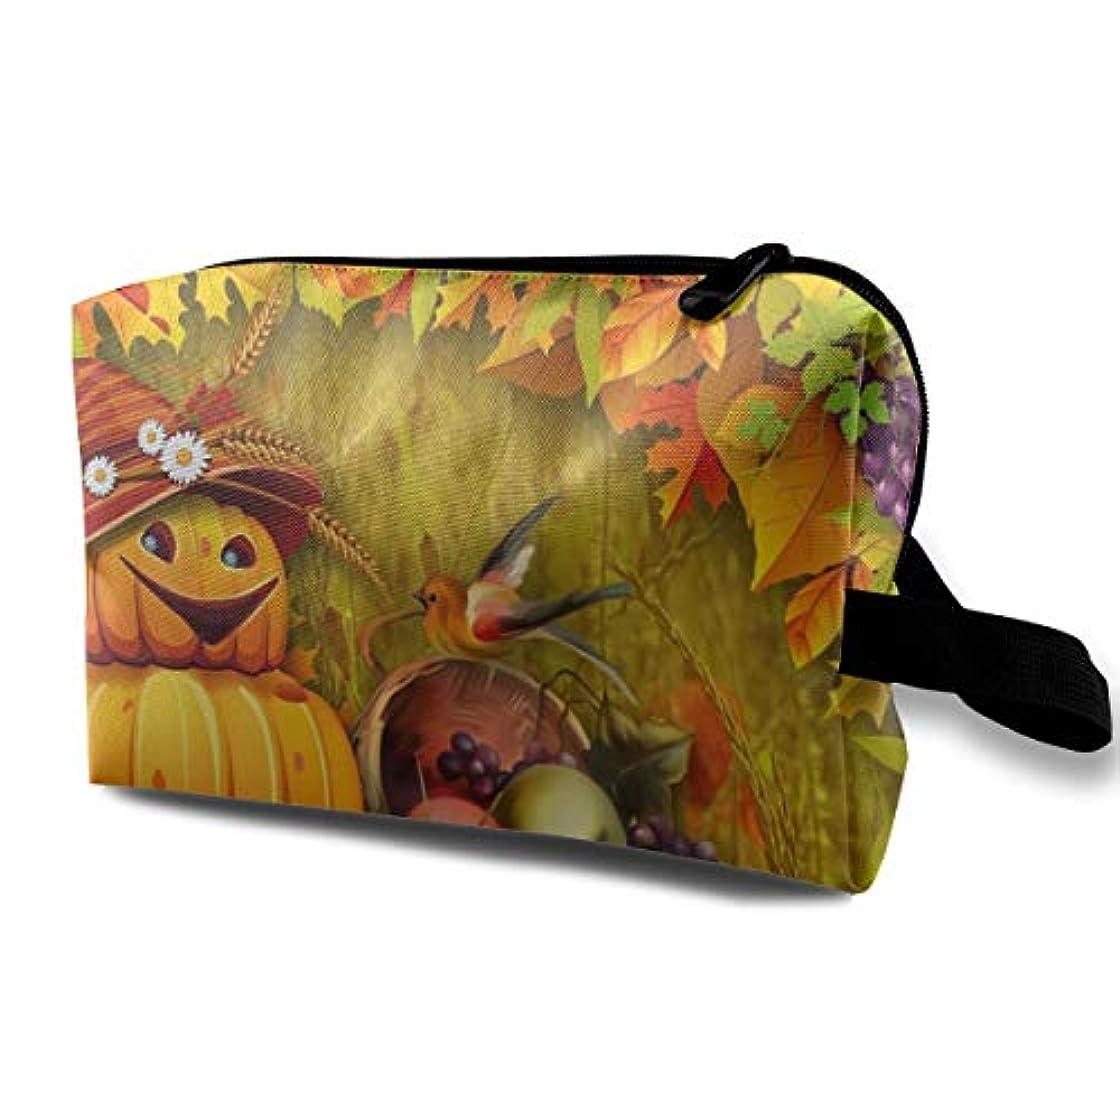 はぁ子音甲虫Autumn Pumpkin Bright 収納ポーチ 化粧ポーチ 大容量 軽量 耐久性 ハンドル付持ち運び便利。入れ 自宅?出張?旅行?アウトドア撮影などに対応。メンズ レディース トラベルグッズ